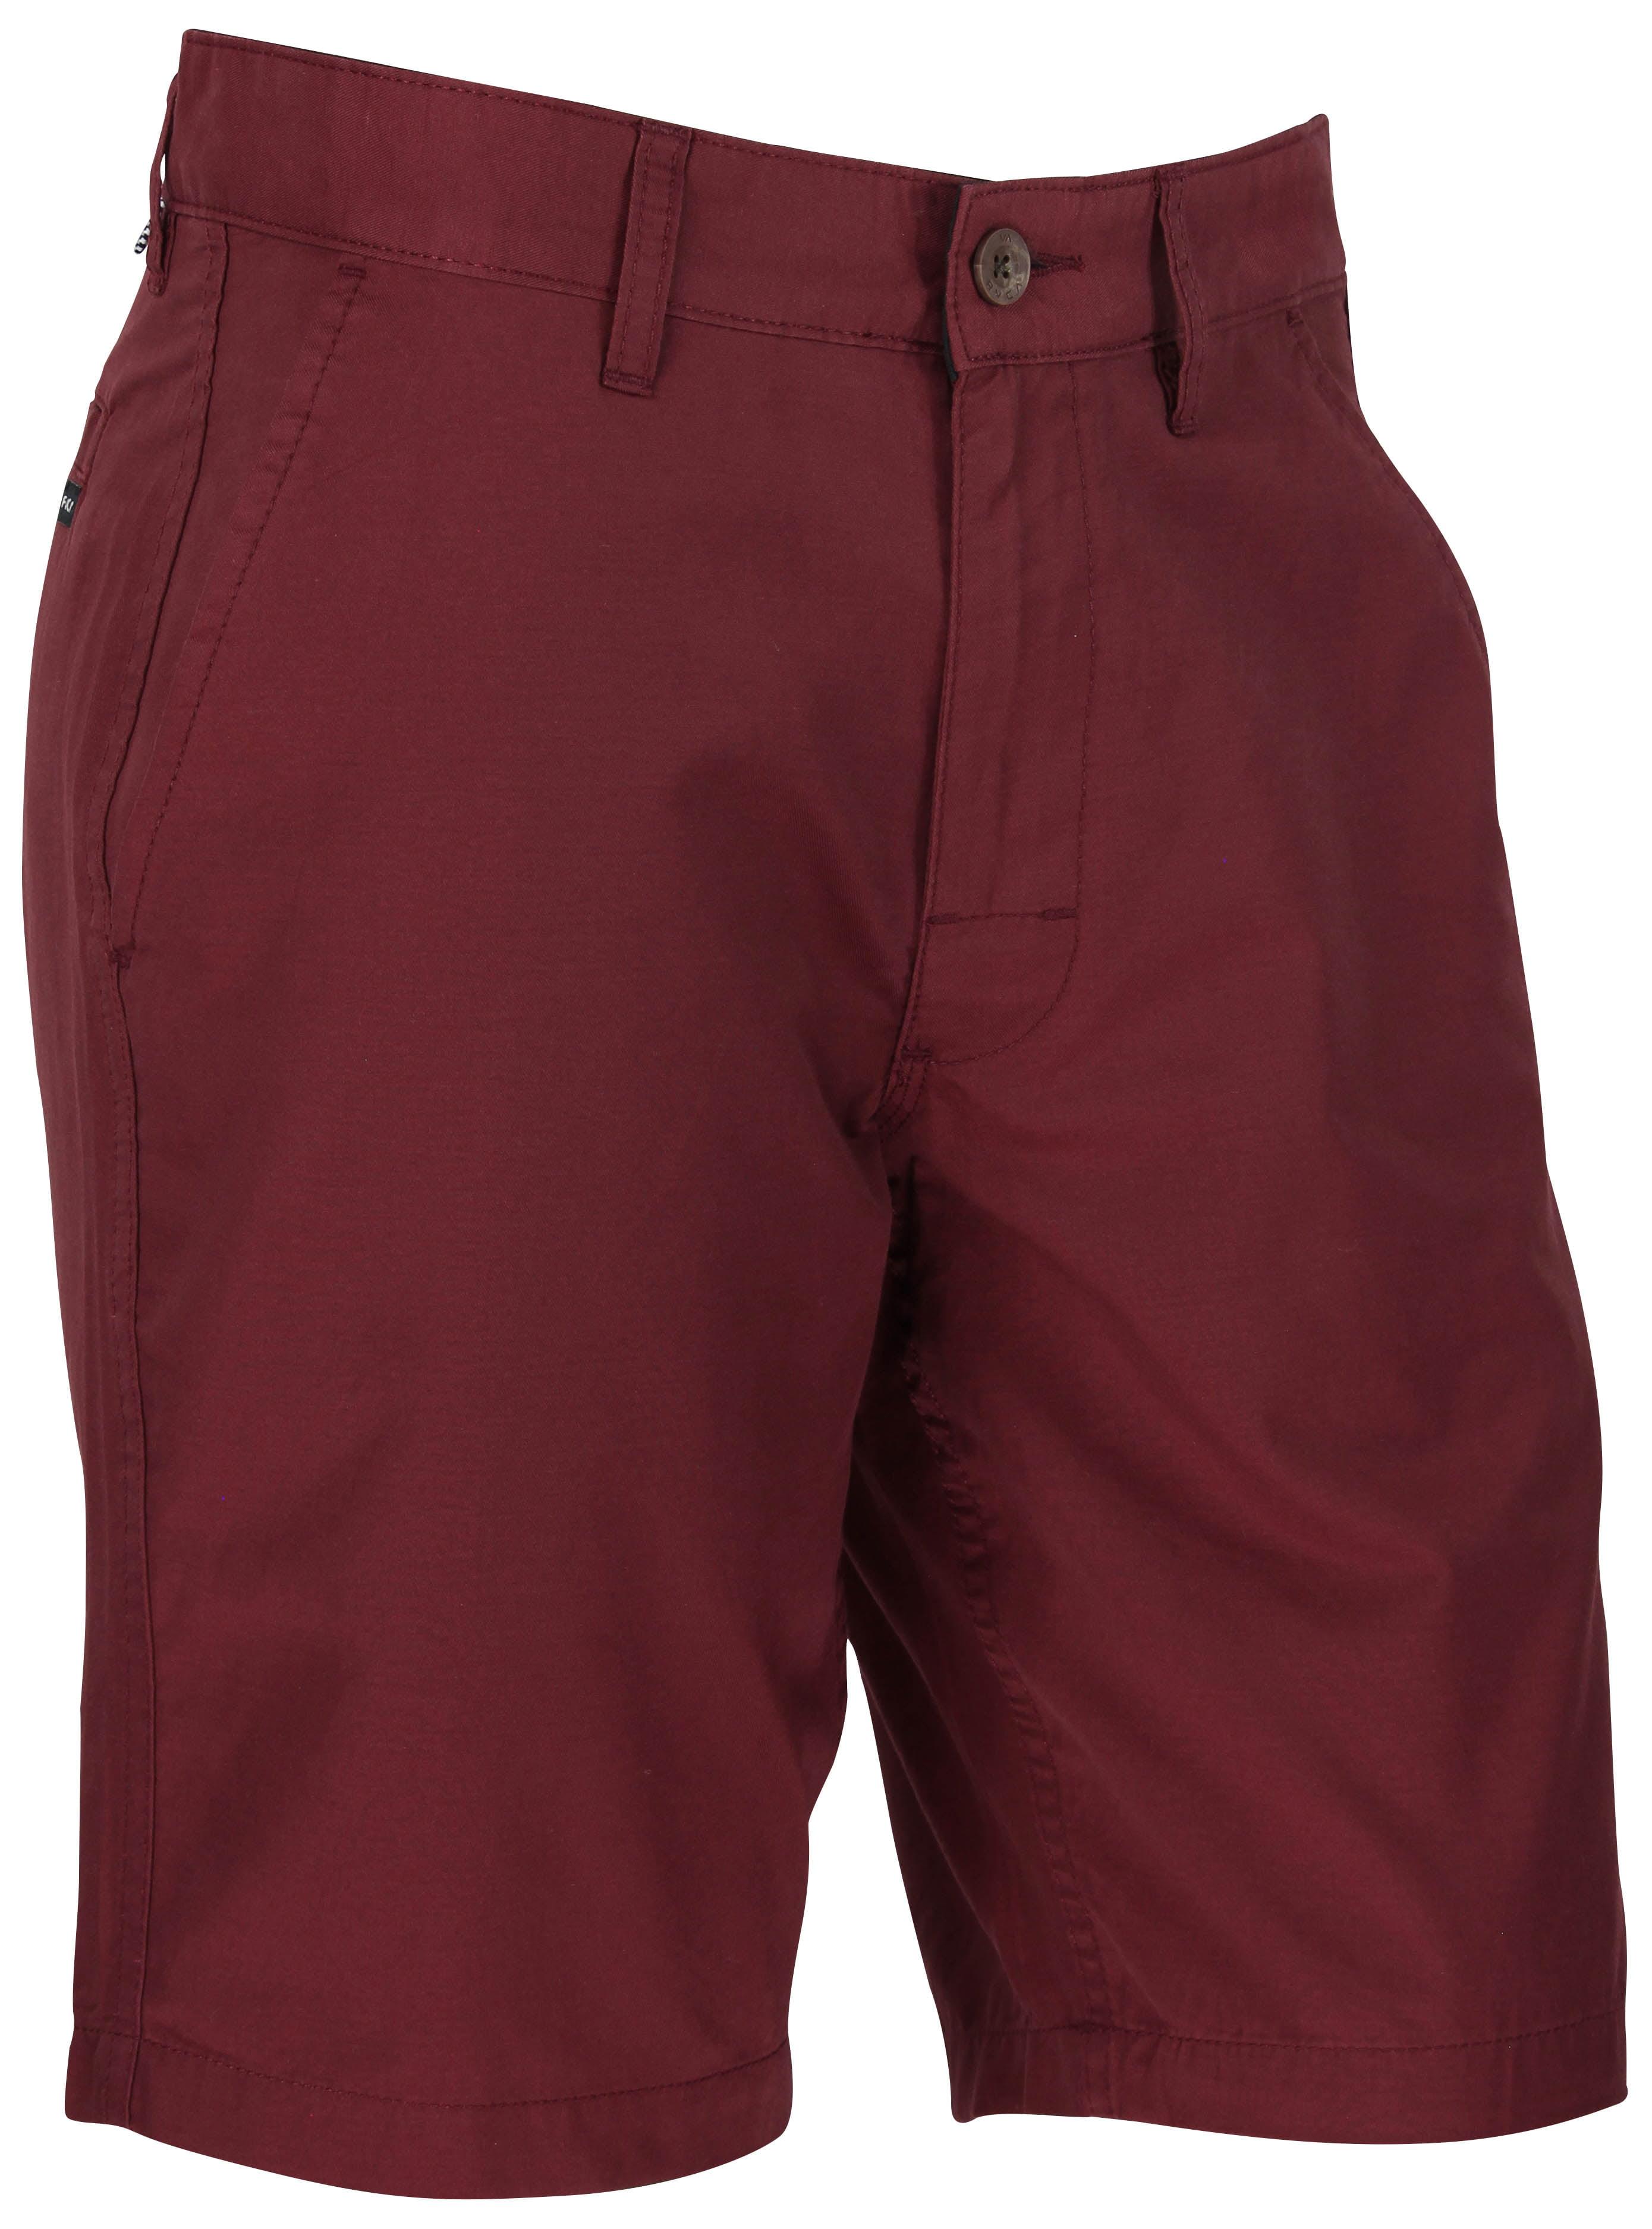 RVCA Boys Big Feeder Hybrid Short